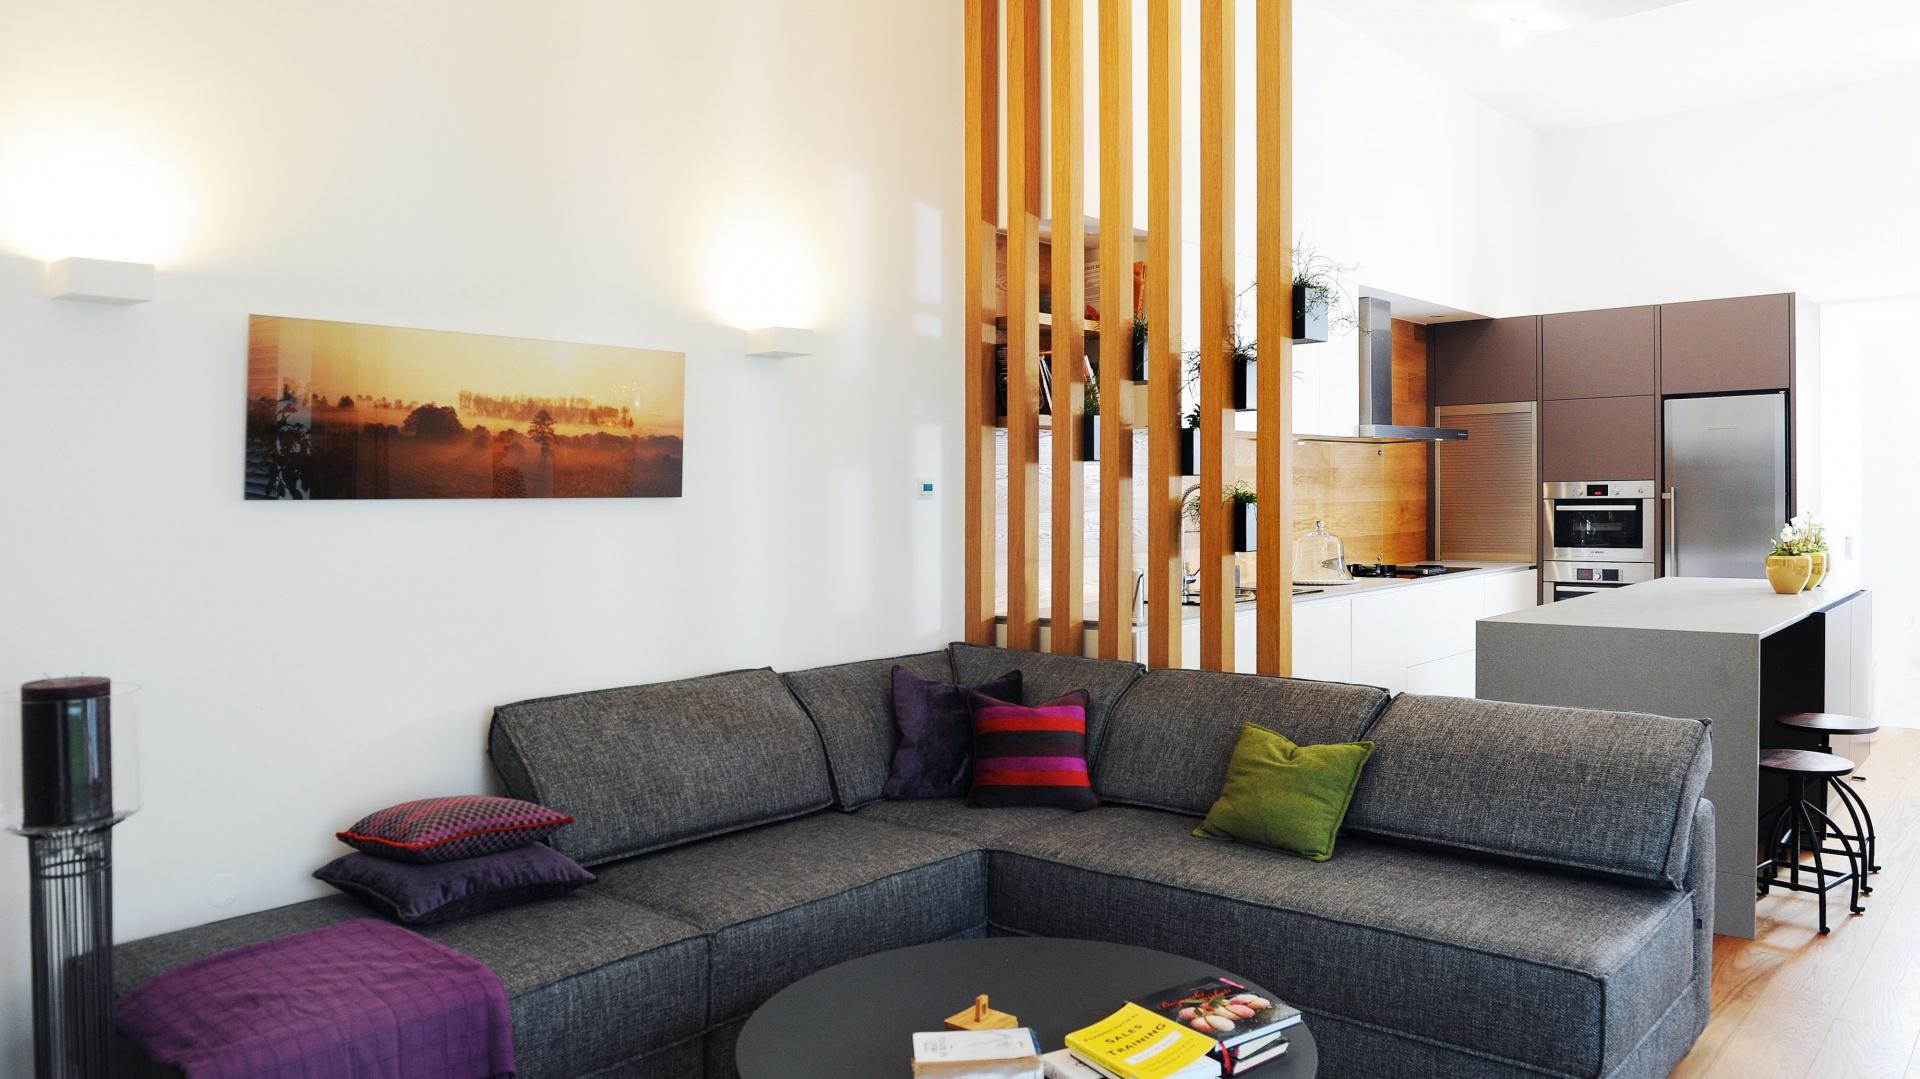 Strefę dzienną stanowi salon z jadalnią i kuchnią. Tę ostatnią od salonu oddziela oryginalne przepierzenie wykonane z dębowych desek. Przepuszcza ono światło i jest delikatnym detalem dekoracyjnym nie przytłaczającym przestrzeni. Projekt: GAO Arhitekti. Fot. Mateja Jordovič Potočnik.